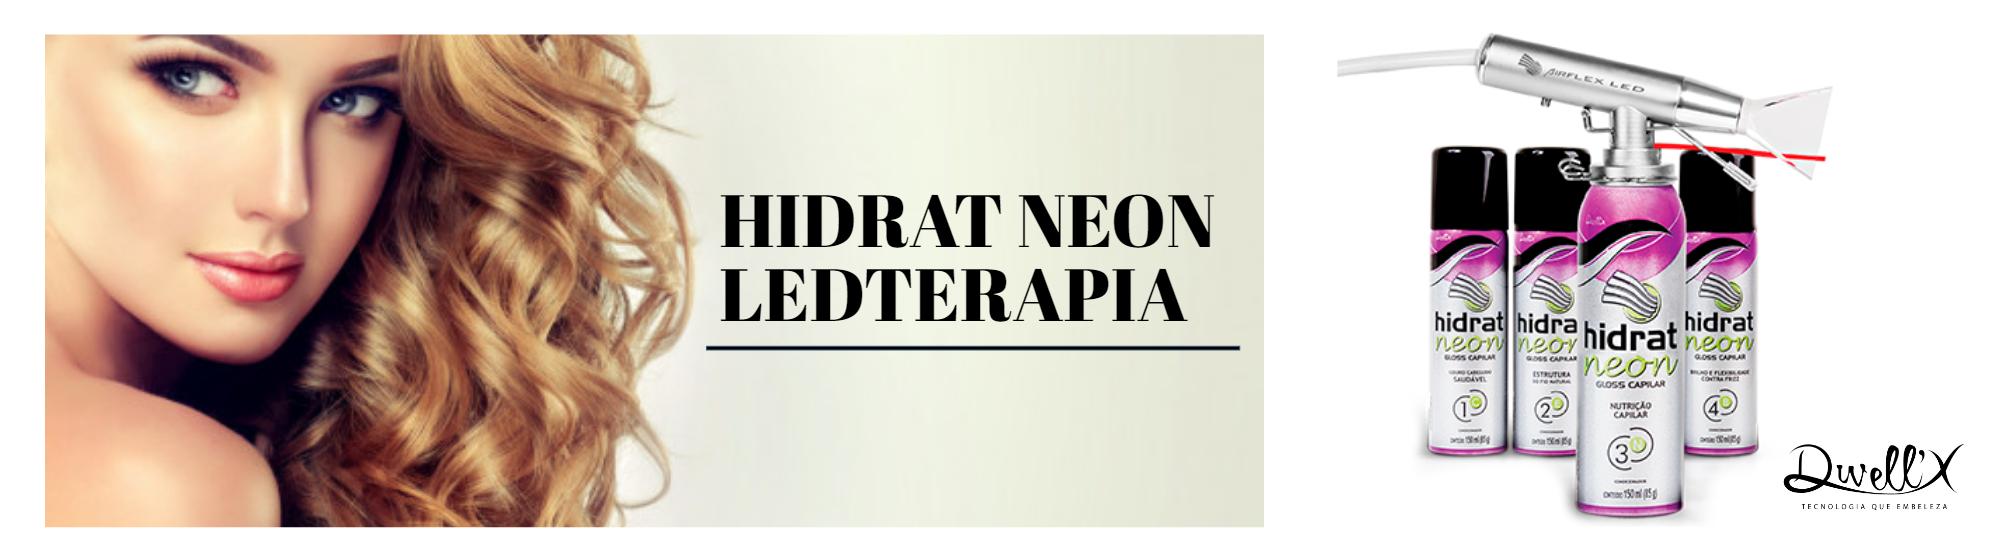 HIDRAT NEON